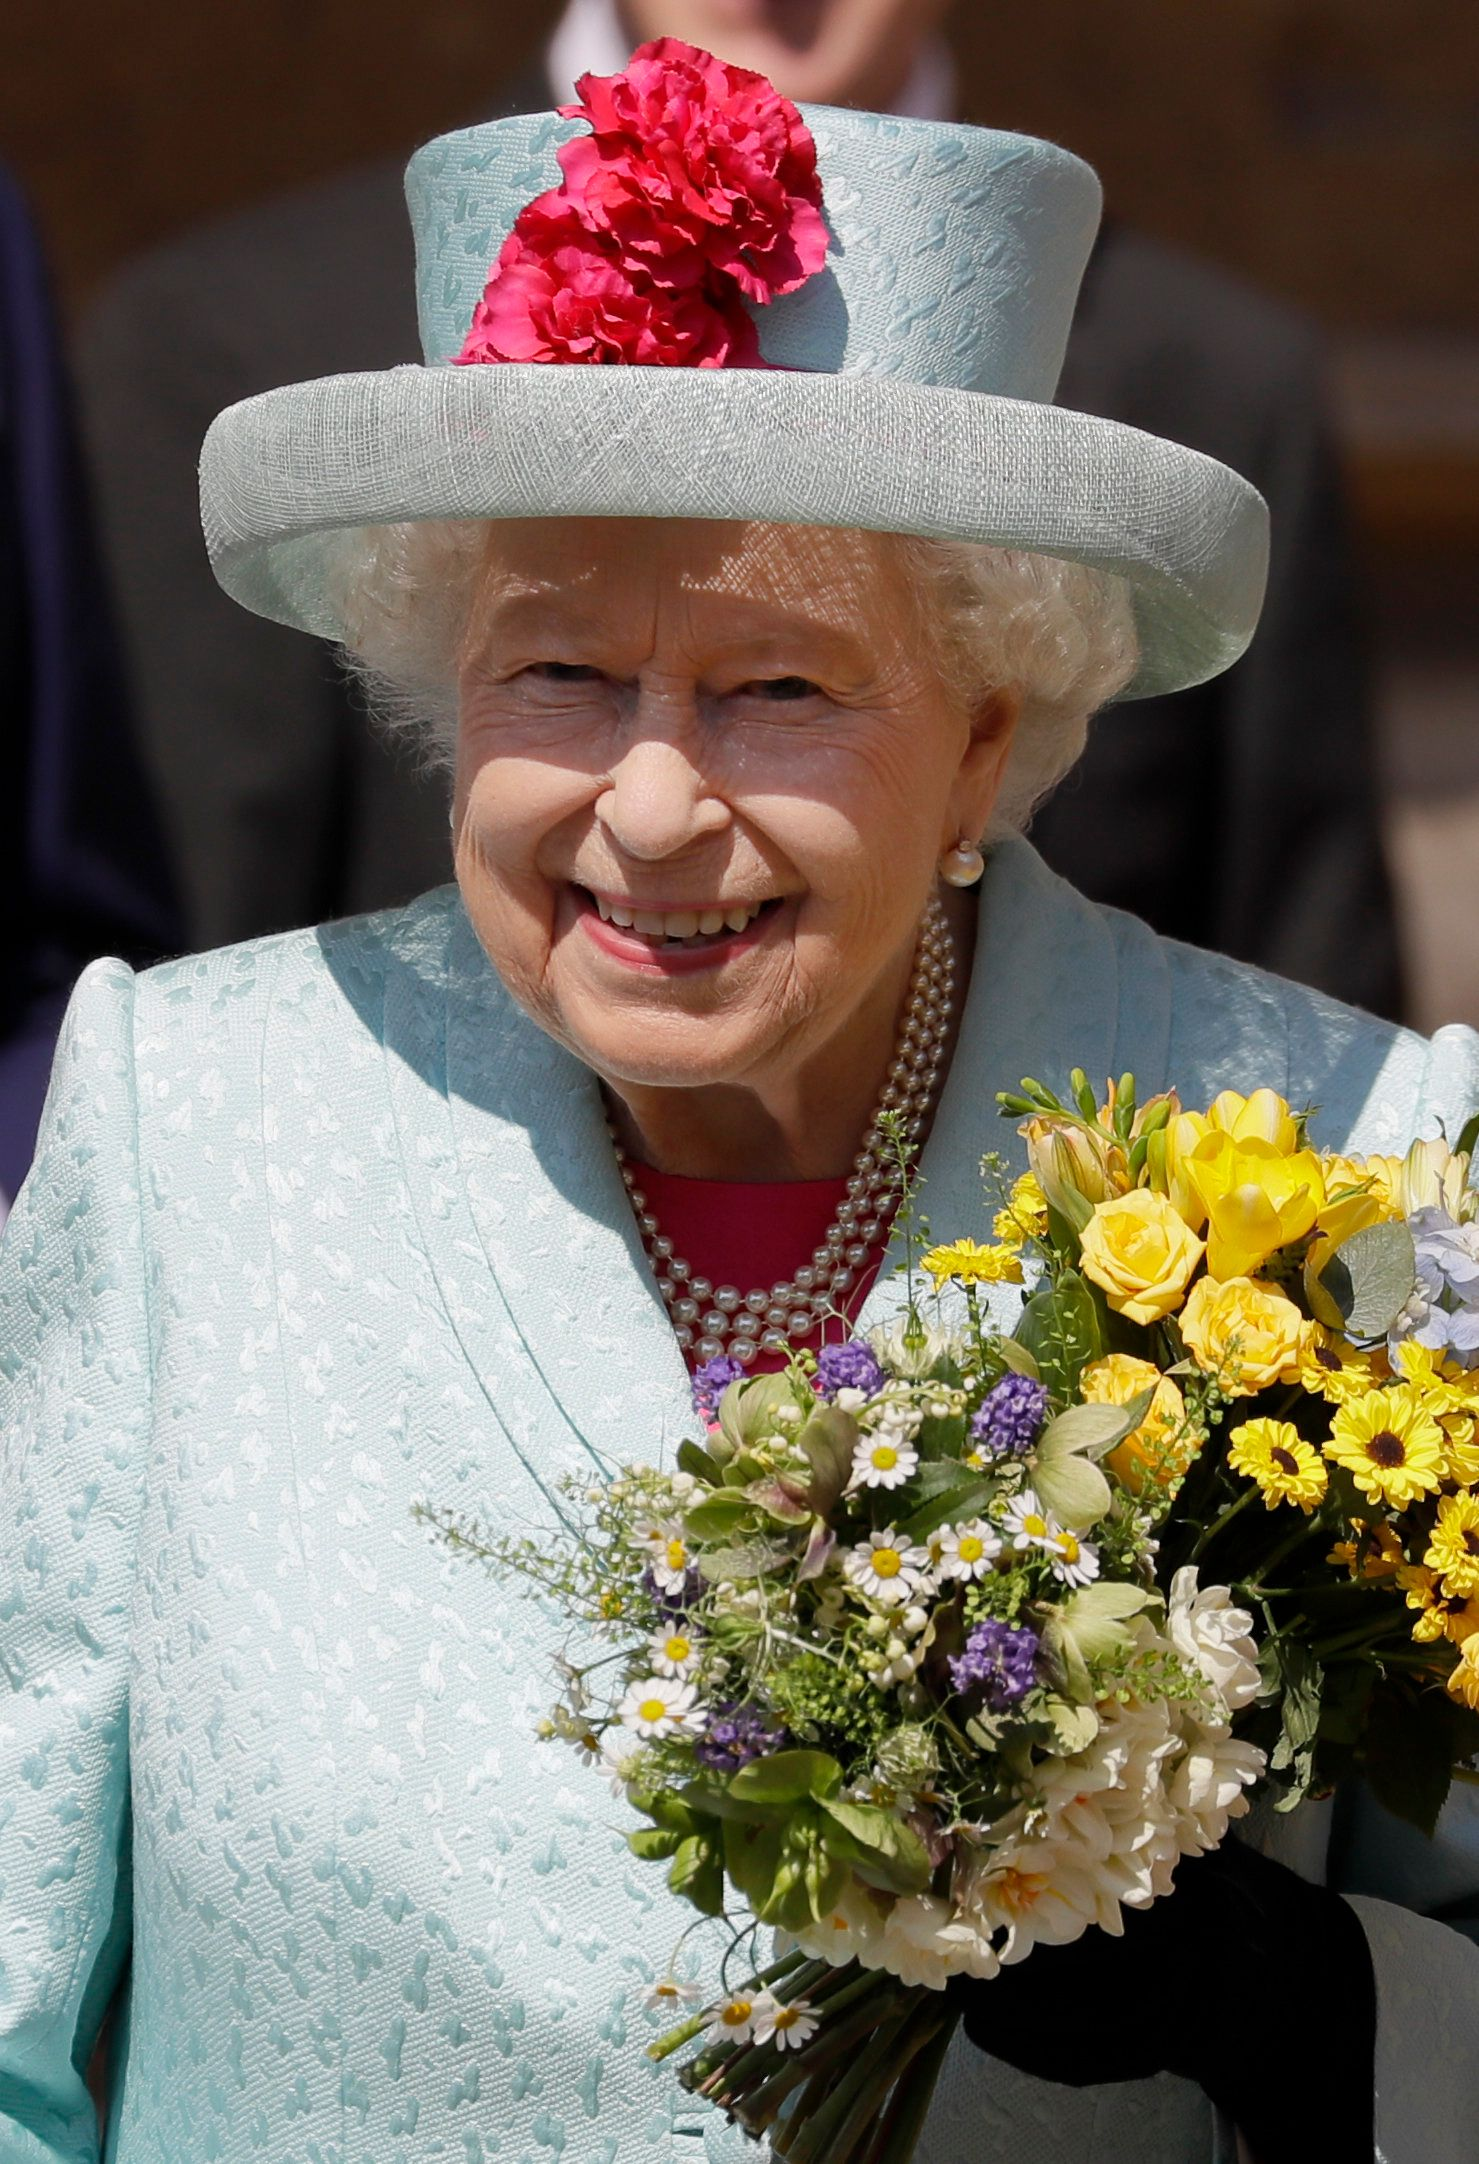 Η Ελισάβετ γιόρτασε τα 93α γενέθλια της - Οι ευχές και η απουσία της